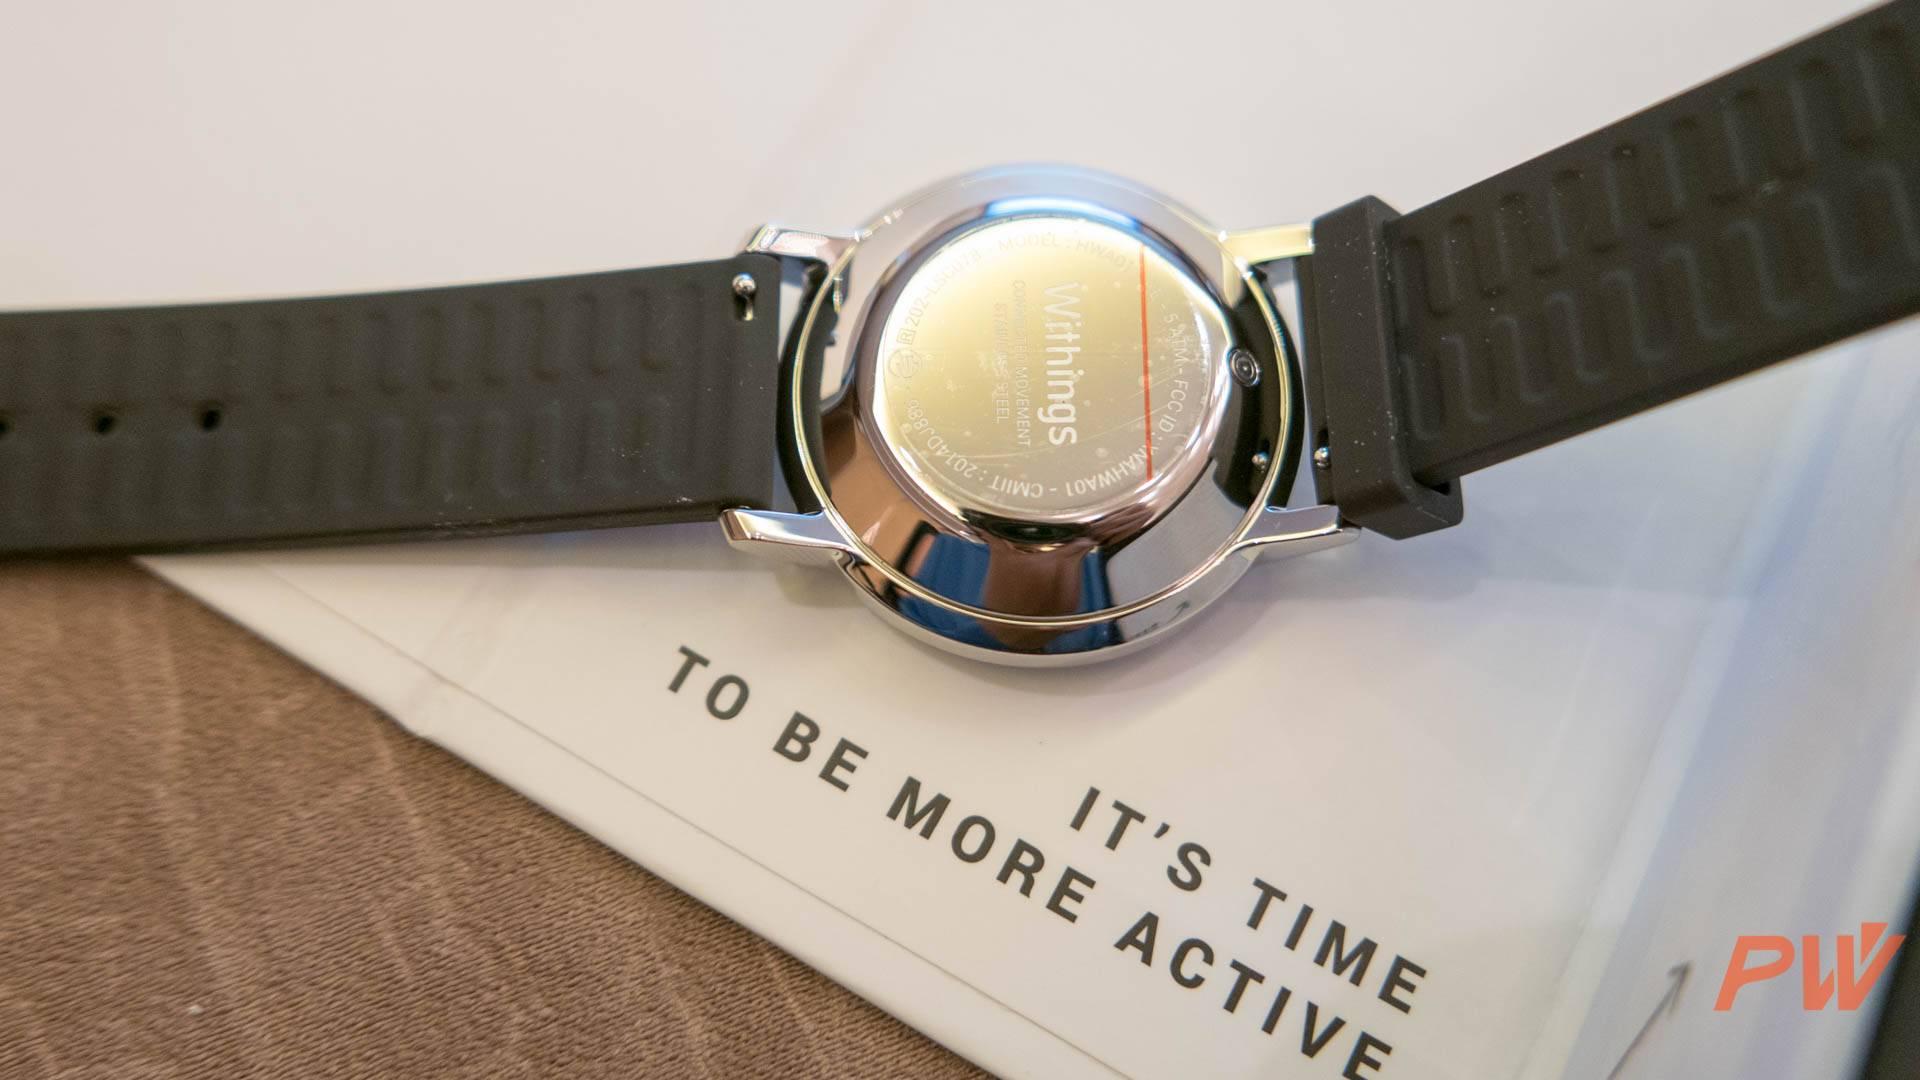 最好看的 Withings 智能手表出新品了,它现在属于诺基亚